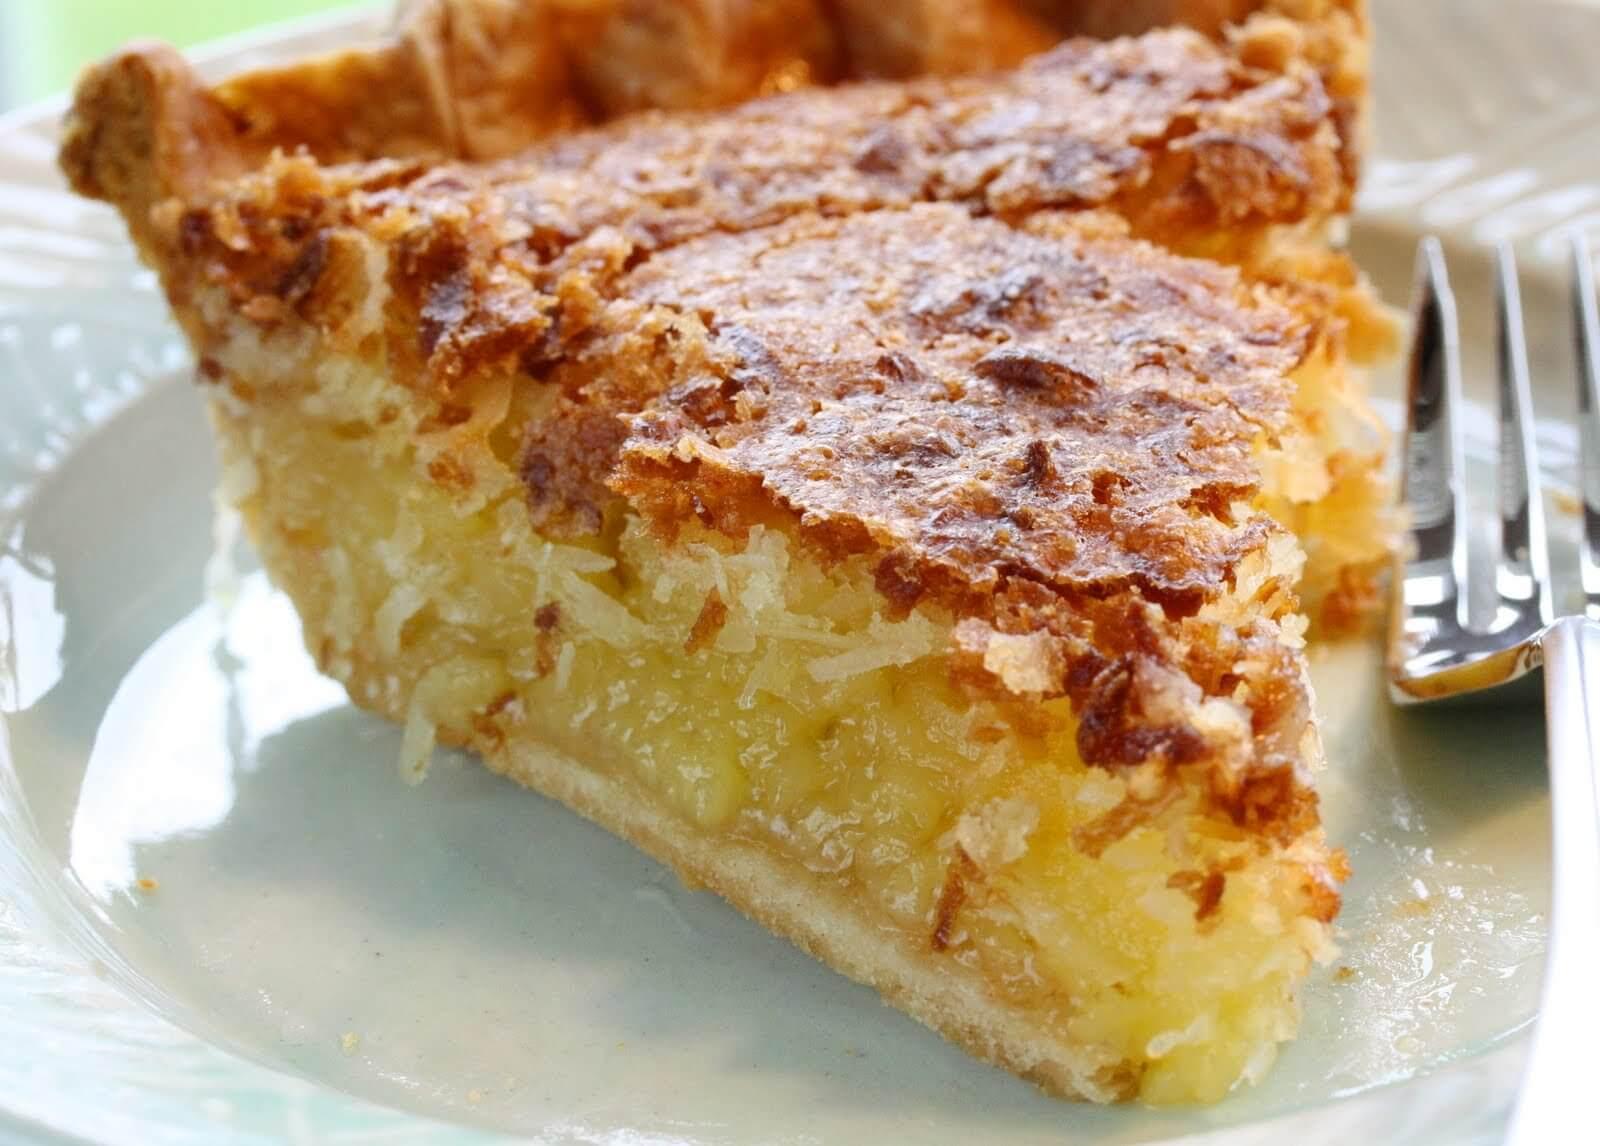 9. French Coconut Pie